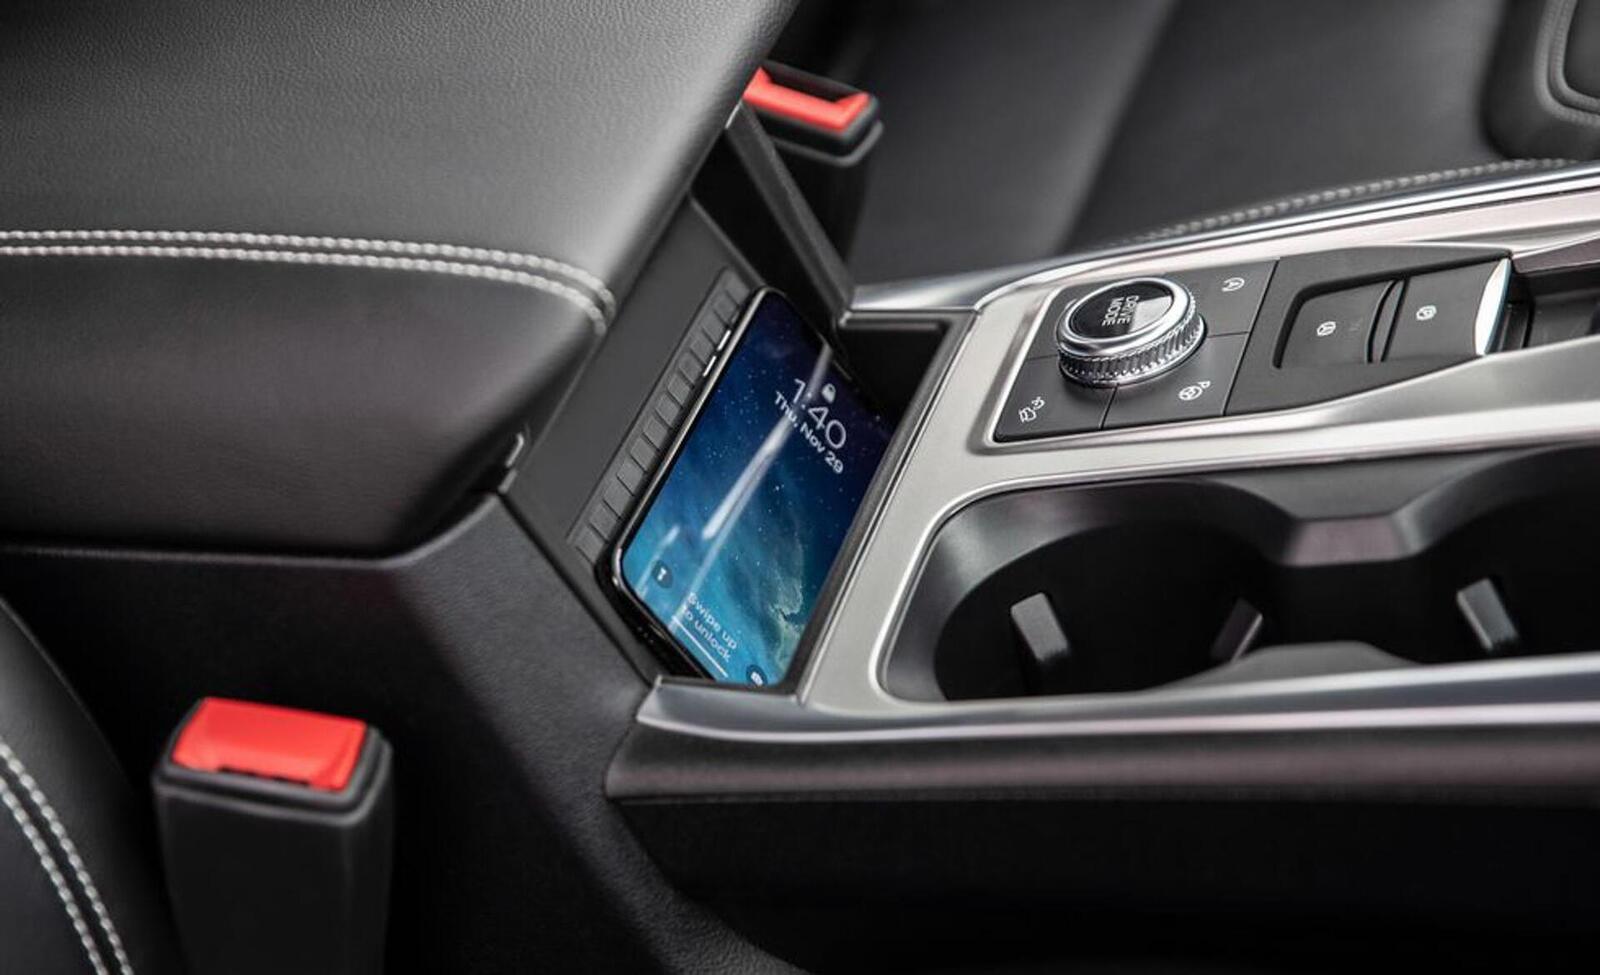 Ford giới thiệu Explorer ST 2020: Phiên bản mạnh nhất lắp máy V6 3.0L tăng áp 400 mã lực - Hình 21